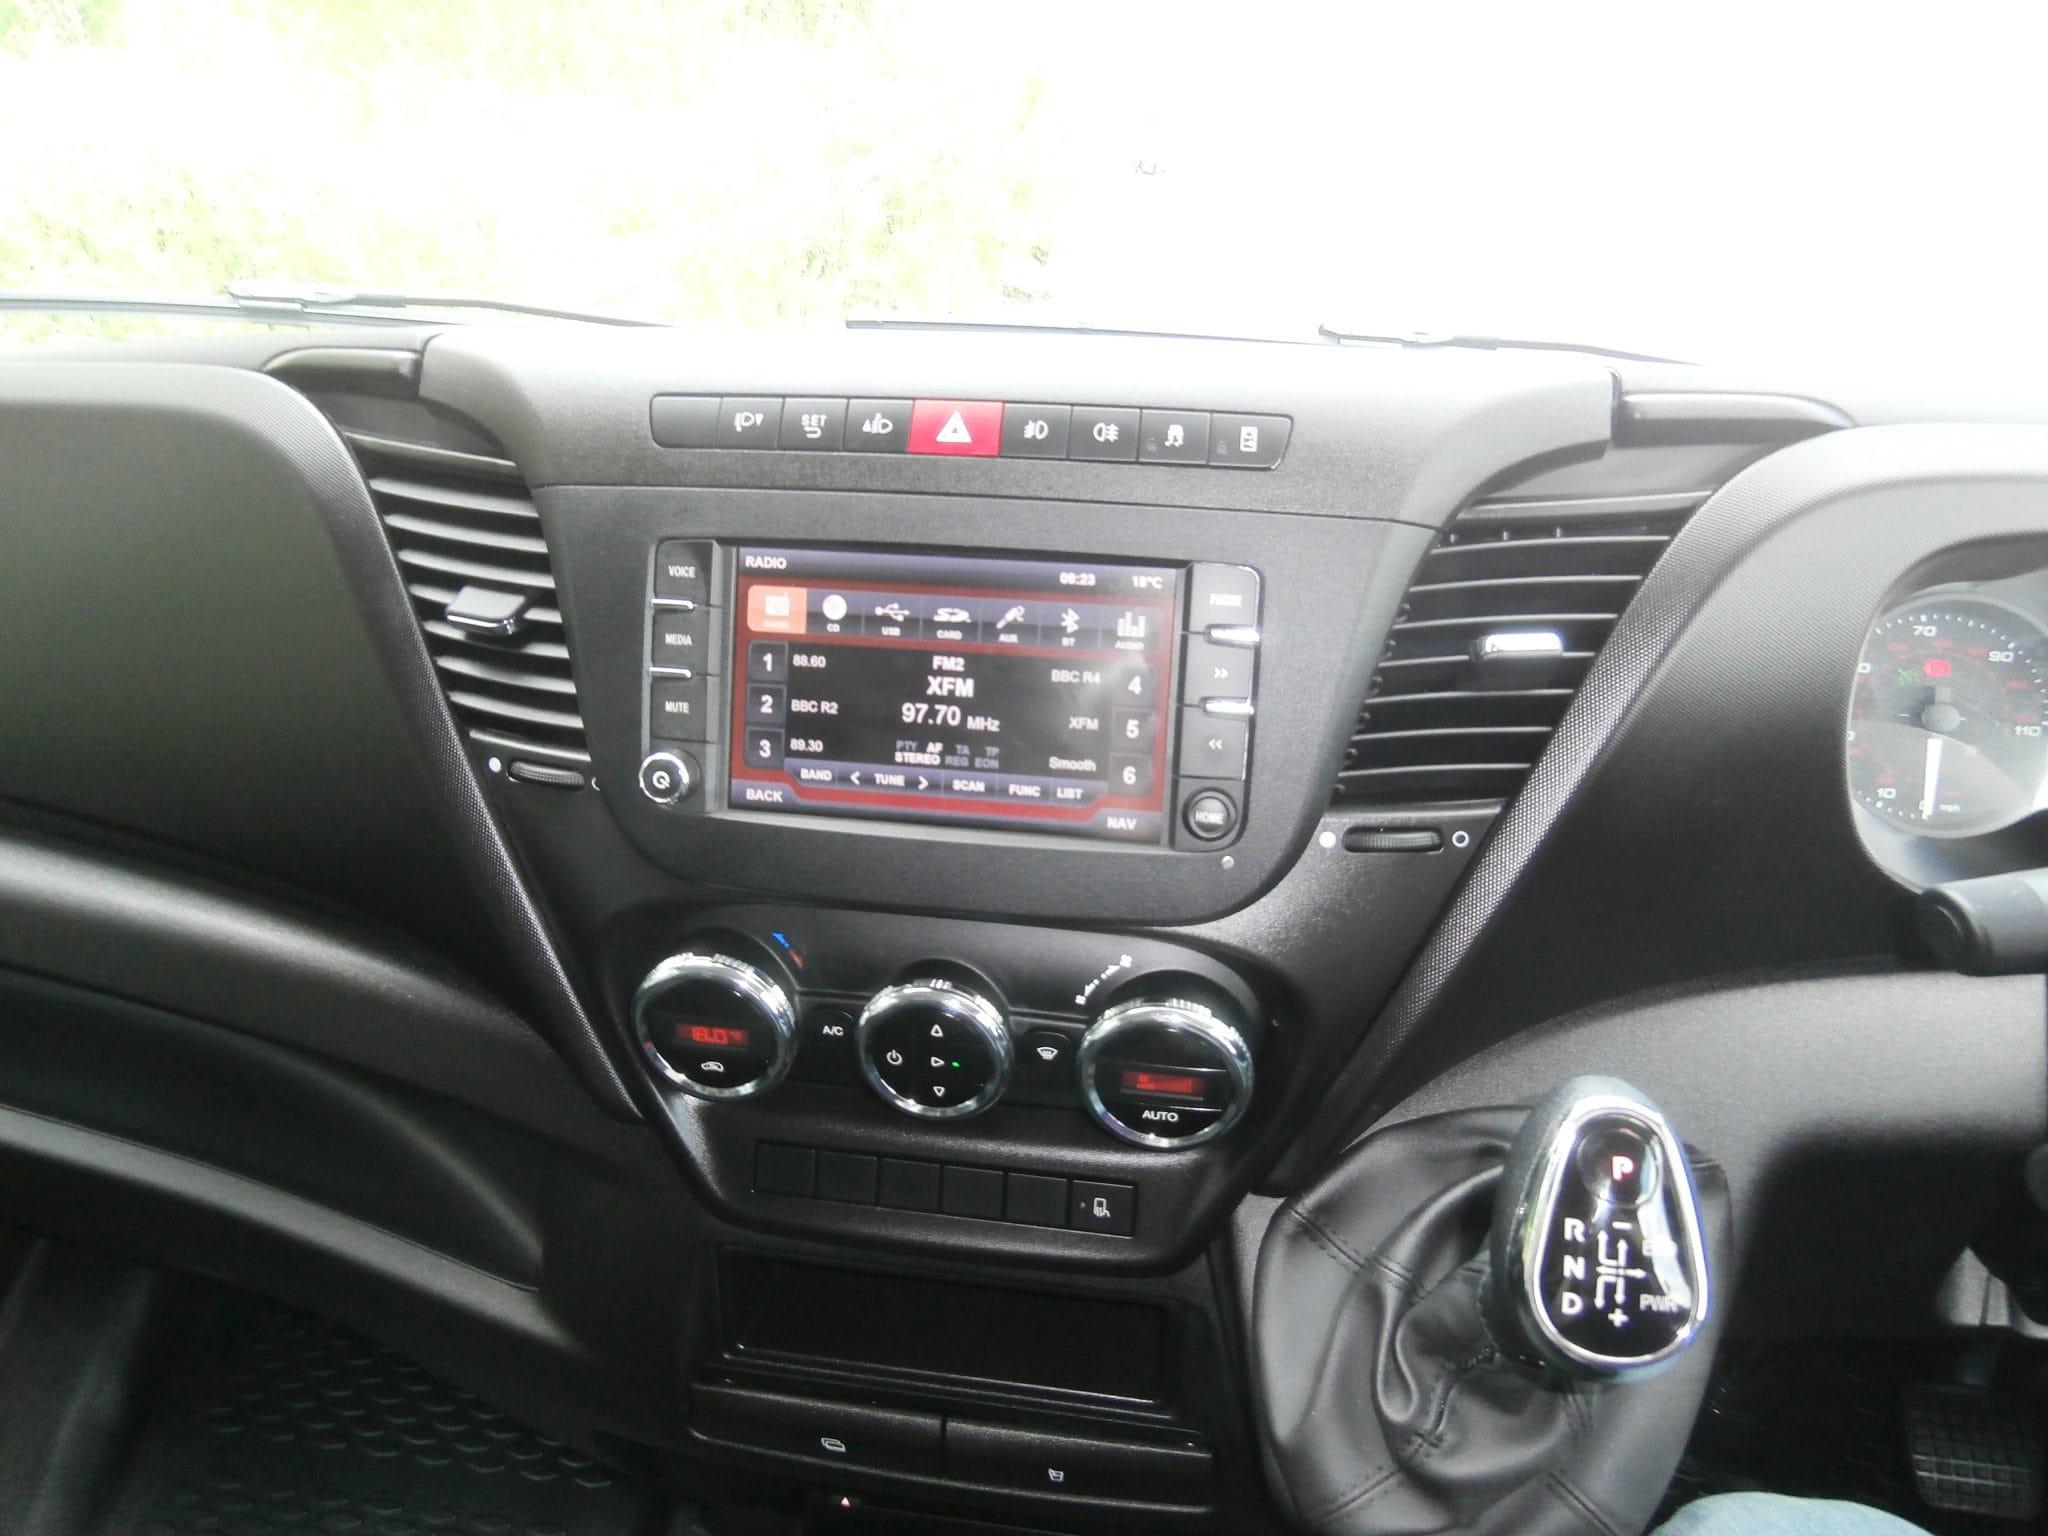 Iveco Daily Hi Matic Company Car And Van